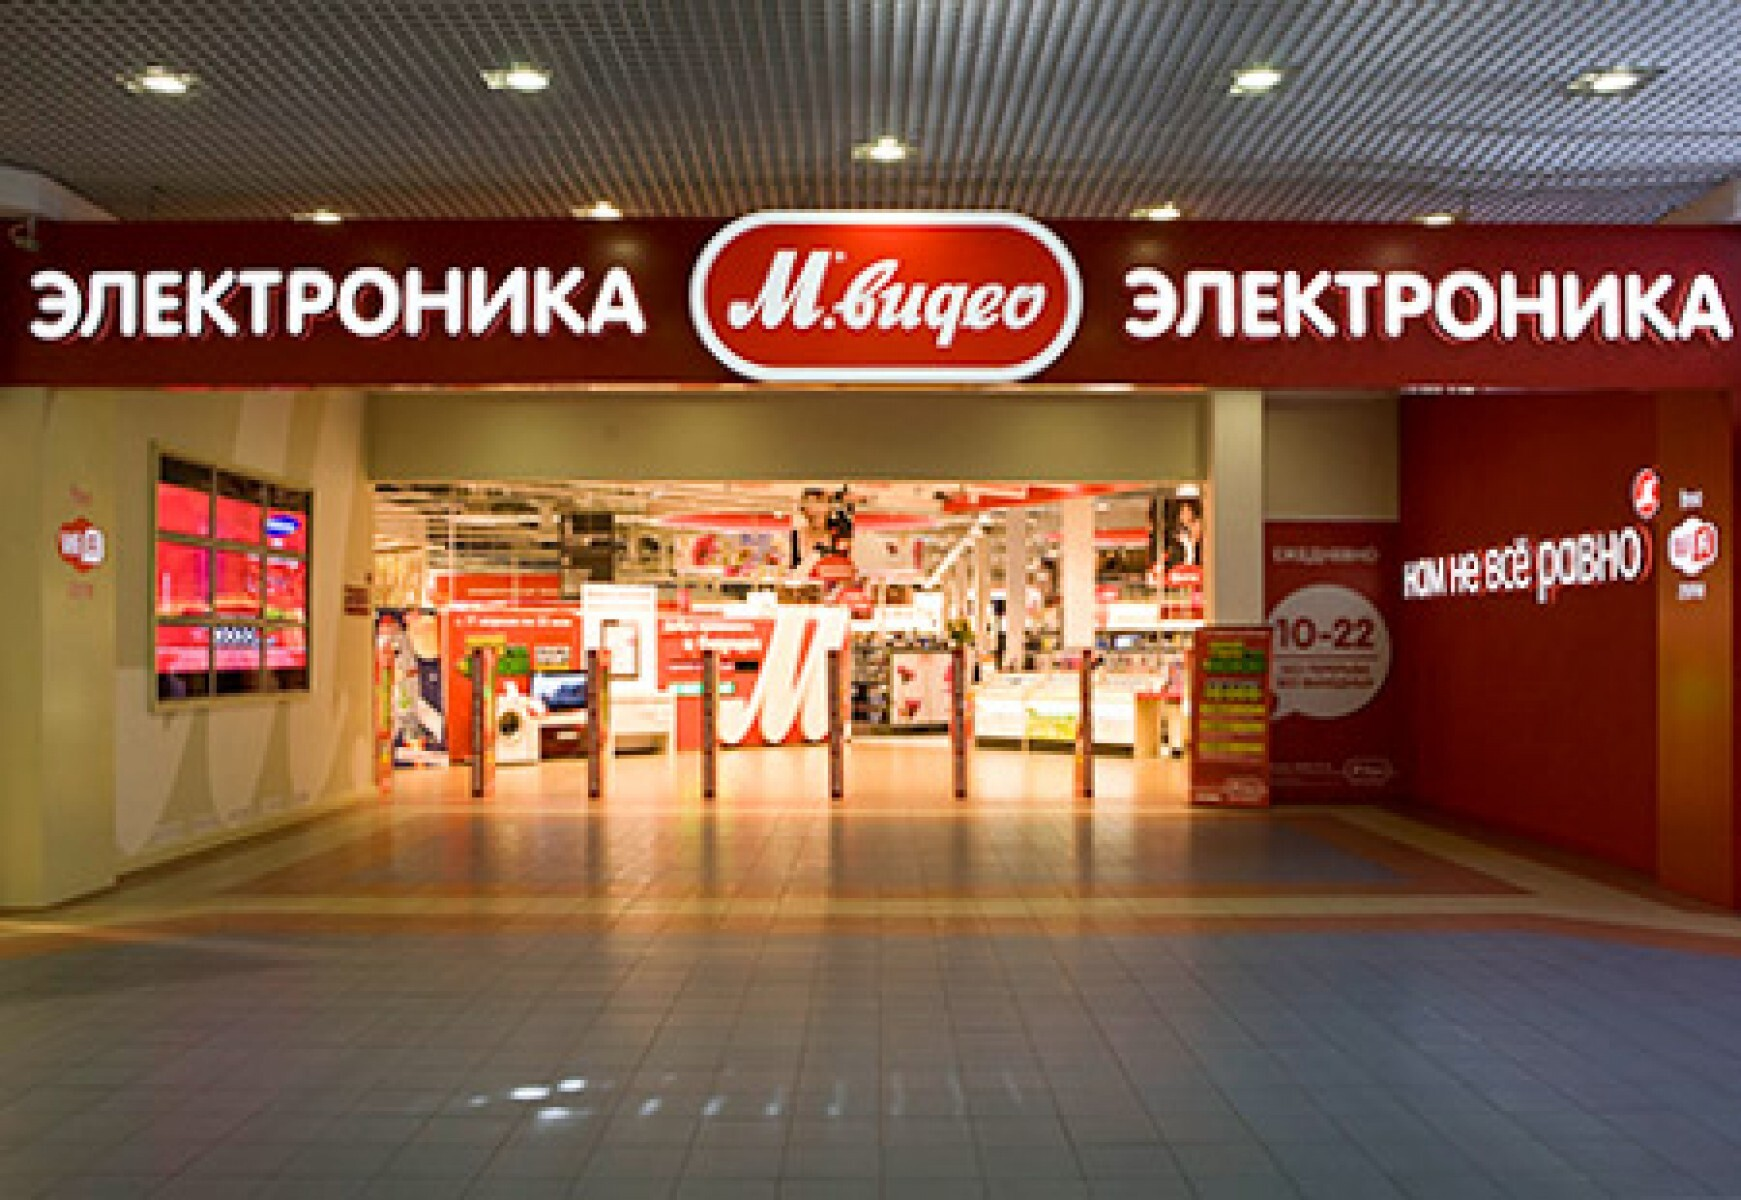 Российский магазин запретил тратить накопленные бонусы на технику Apple и консоли